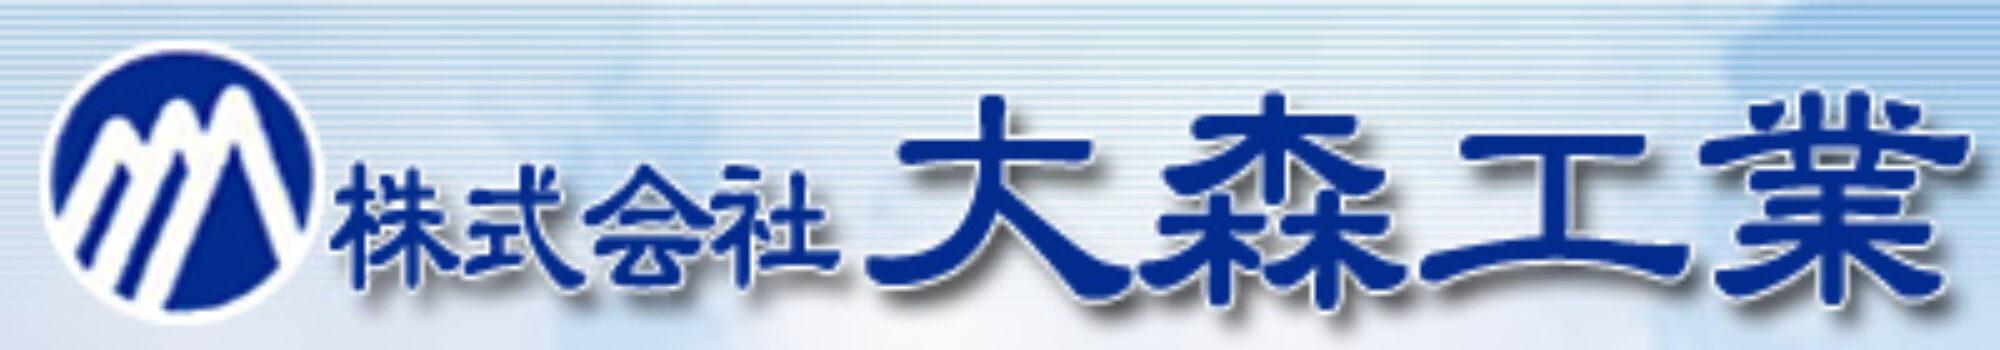 株式会社 大森工業|福岡県・山口県の解体工事